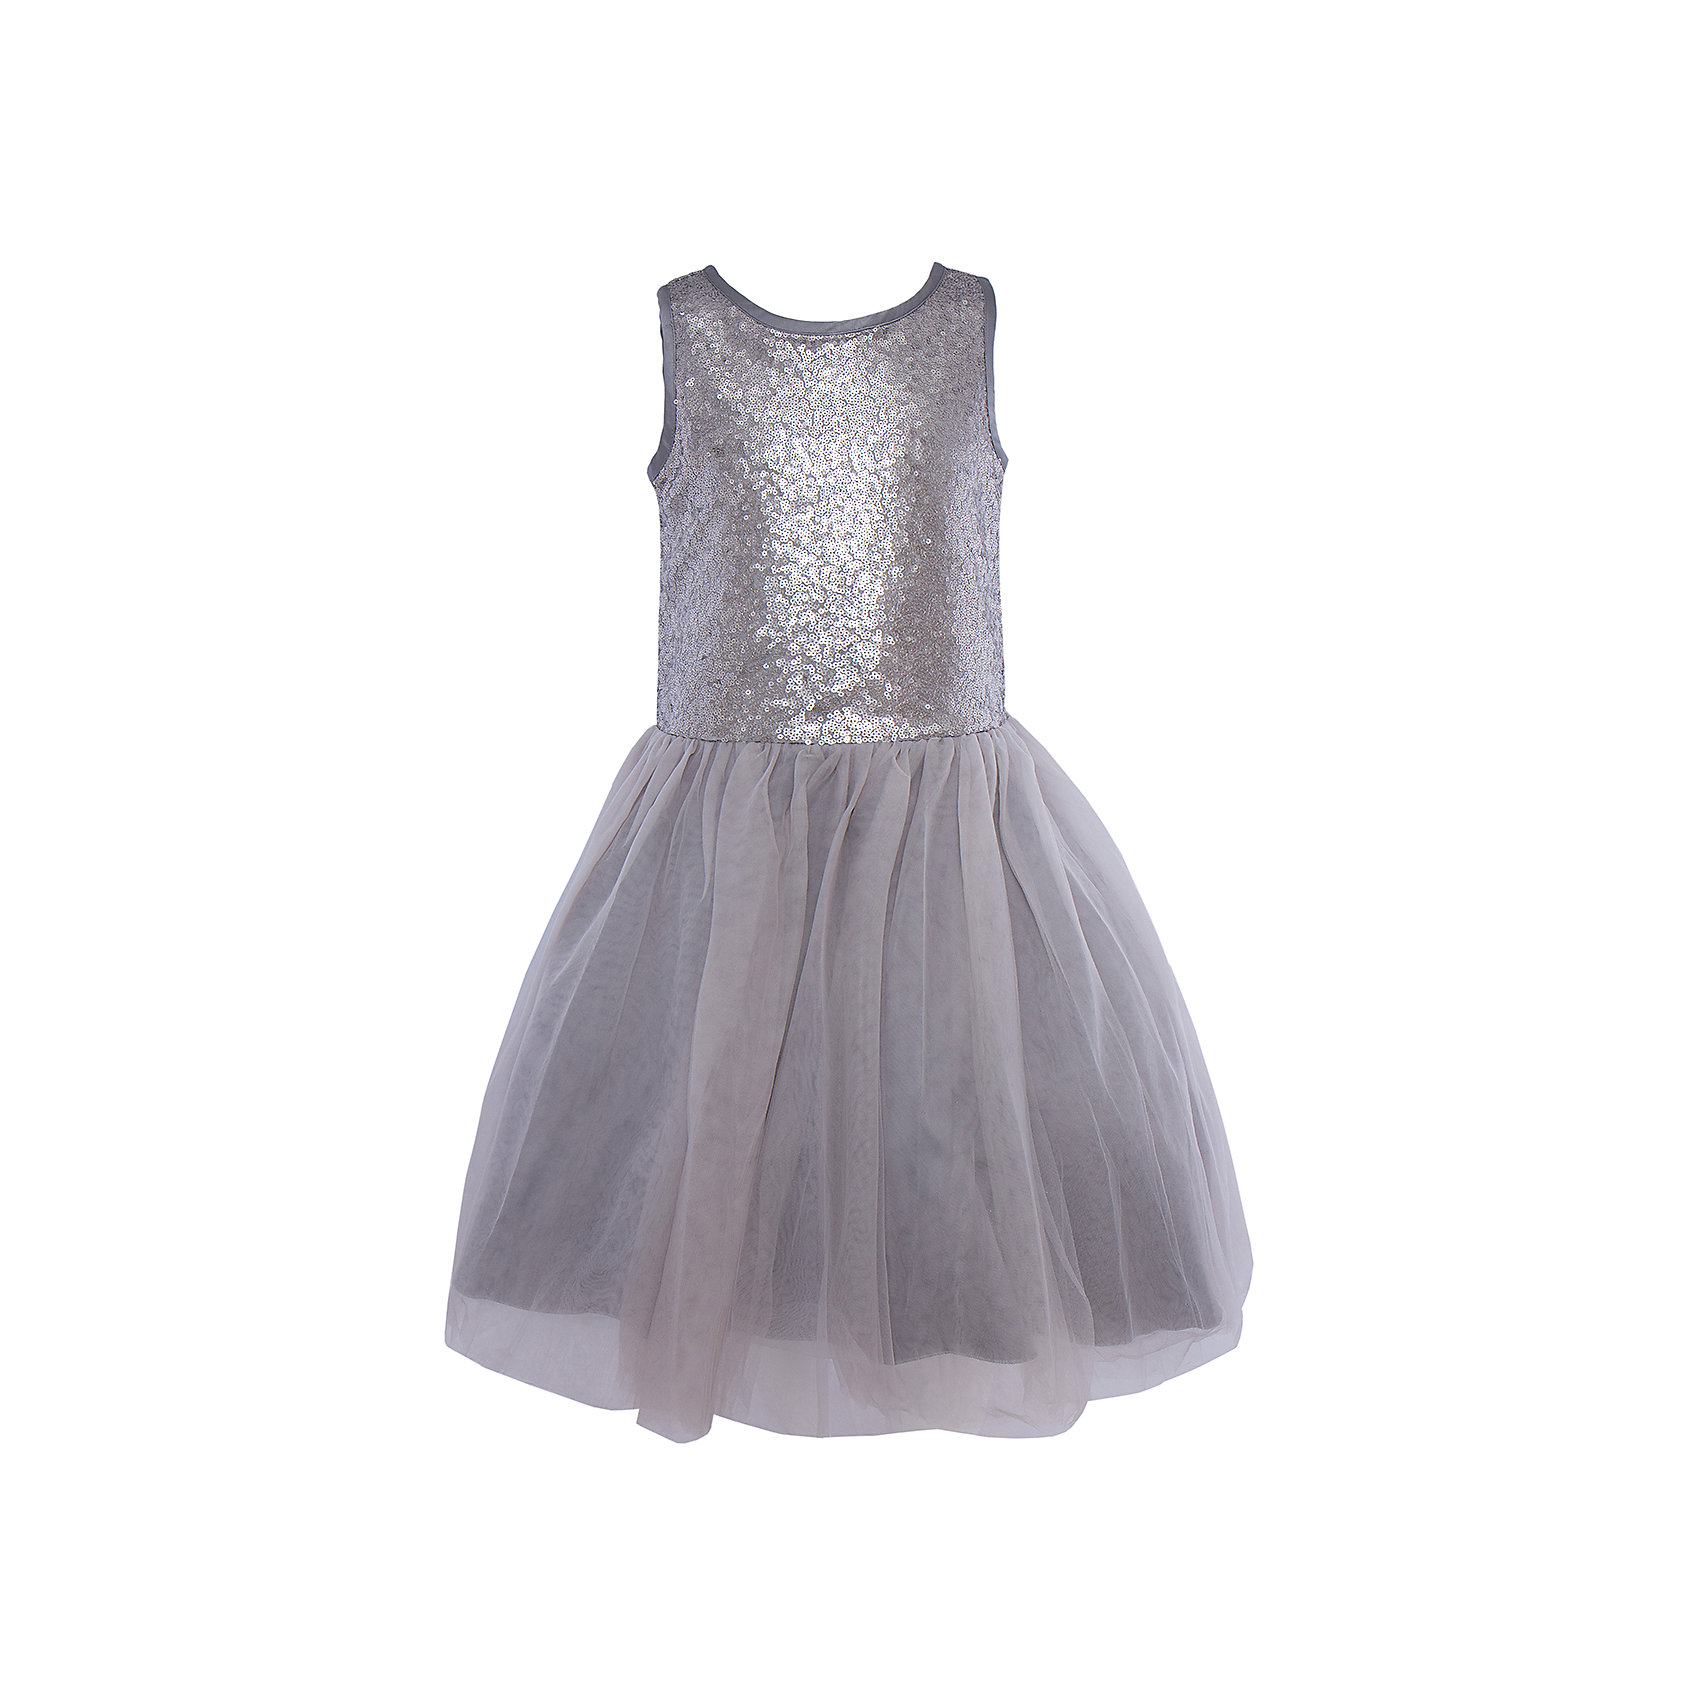 Нарядное платье для девочки LuminosoХарактеристики:<br><br>• Вид одежды: платье<br>• Предназначение: для праздника, торжеств<br>• Сезон: круглый год<br>• Материал: верх – 100% полиэстер; подкладка – 100% хлопок<br>• Цвет: серебристый, серый<br>• Силуэт: классический А-силуэт<br>• Длина платья: миди<br>• Стиль юбки: пачка<br>• Вырез горловины: круглый<br>• Застежка: молния на спинке<br>• Особенности ухода: ручная стирка без применения отбеливающих средств, глажение при низкой температуре <br><br>Luminoso – это коллекция от известного производителя Sweet Berry, который сочетает в своей одежде функциональность, качество, стиль и следование современным мировым тенденциям в текстильной индустрии для подростков. <br>Стильное платье для девочки от знаменитого производителя детской одежды Luminoso выполнено из полиэстера с хлопковой подкладкой. Изделие имеет классический силуэт с отрезной талией и многослойную юбку-пачку со шлейфом. Пышность и объем юбке придает подъюбник. Полочка оформлена пайетками серебристого цвета, вырез рукавов и горловины обработаны атласной лентой. Праздничное платье от Luminoso – это залог успеха вашего ребенка на любом торжестве!<br><br>Платье для девочки Luminoso можно купить в нашем интернет-магазине.<br><br>Ширина мм: 236<br>Глубина мм: 16<br>Высота мм: 184<br>Вес г: 177<br>Цвет: серый<br>Возраст от месяцев: 108<br>Возраст до месяцев: 120<br>Пол: Женский<br>Возраст: Детский<br>Размер: 140,134,146,152,158,164<br>SKU: 5052007